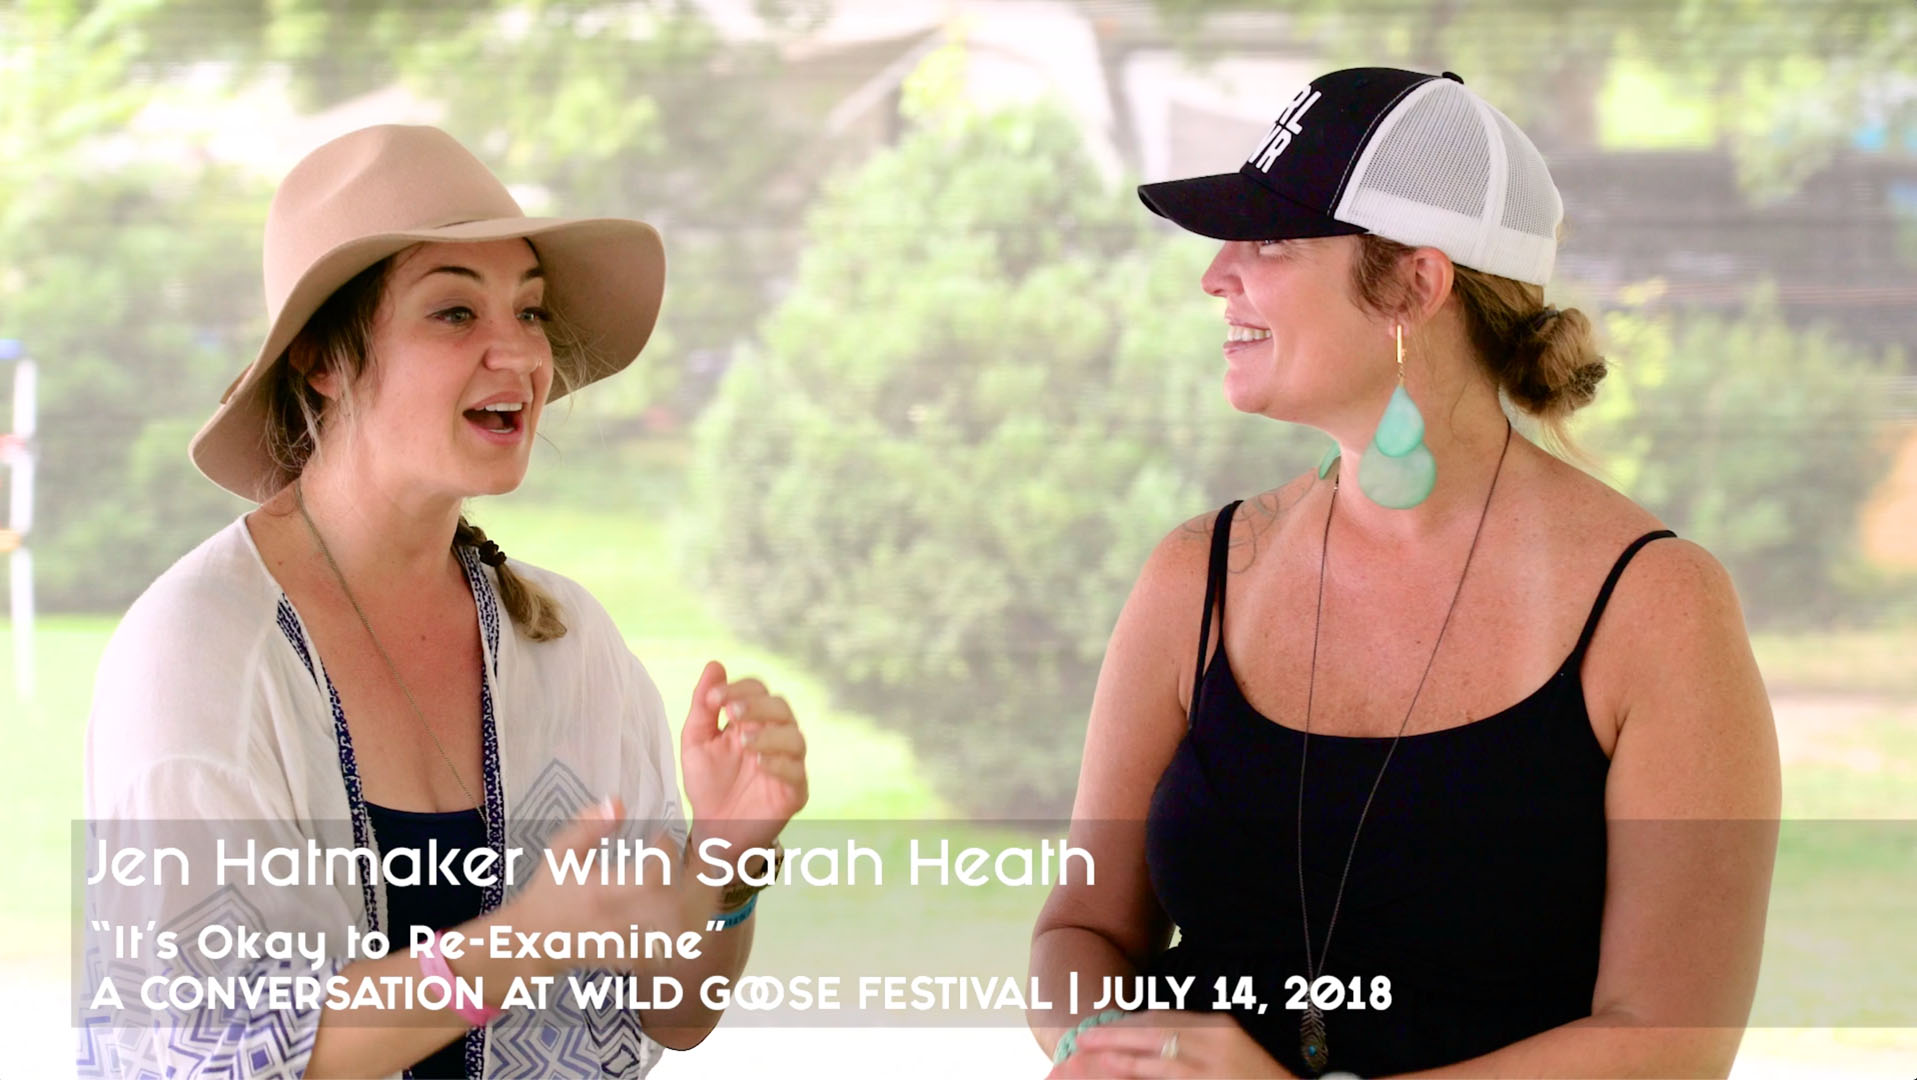 Jen Hatmaker with Sarah Heath